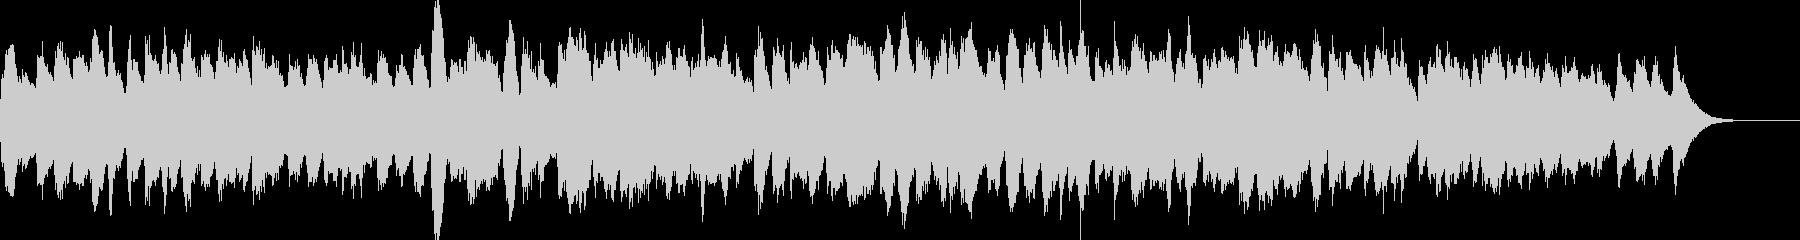 三声のバロックをハープシコードで演奏の未再生の波形